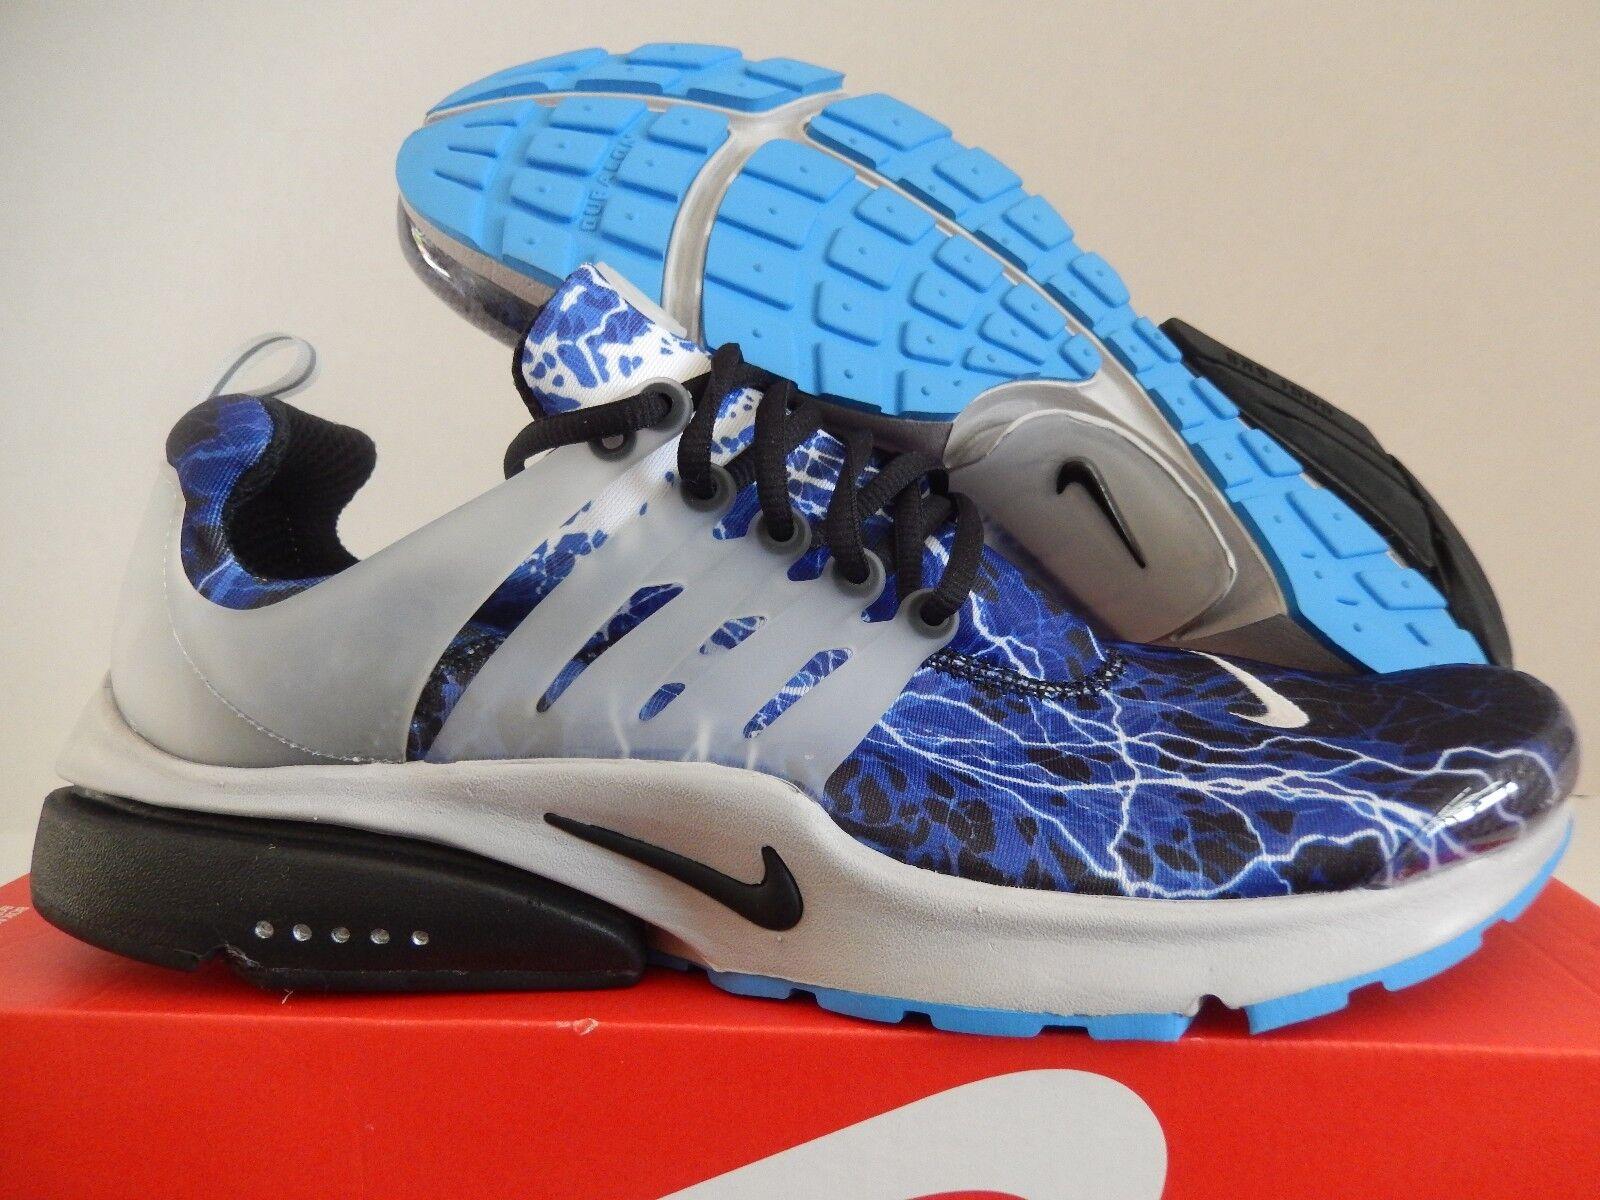 Nike Air QS presto QS Air Iluminacion Negro-zen Gris-har Azul reduccion de precio el mas popular de zapatos para hombres y mujeres 6d9749